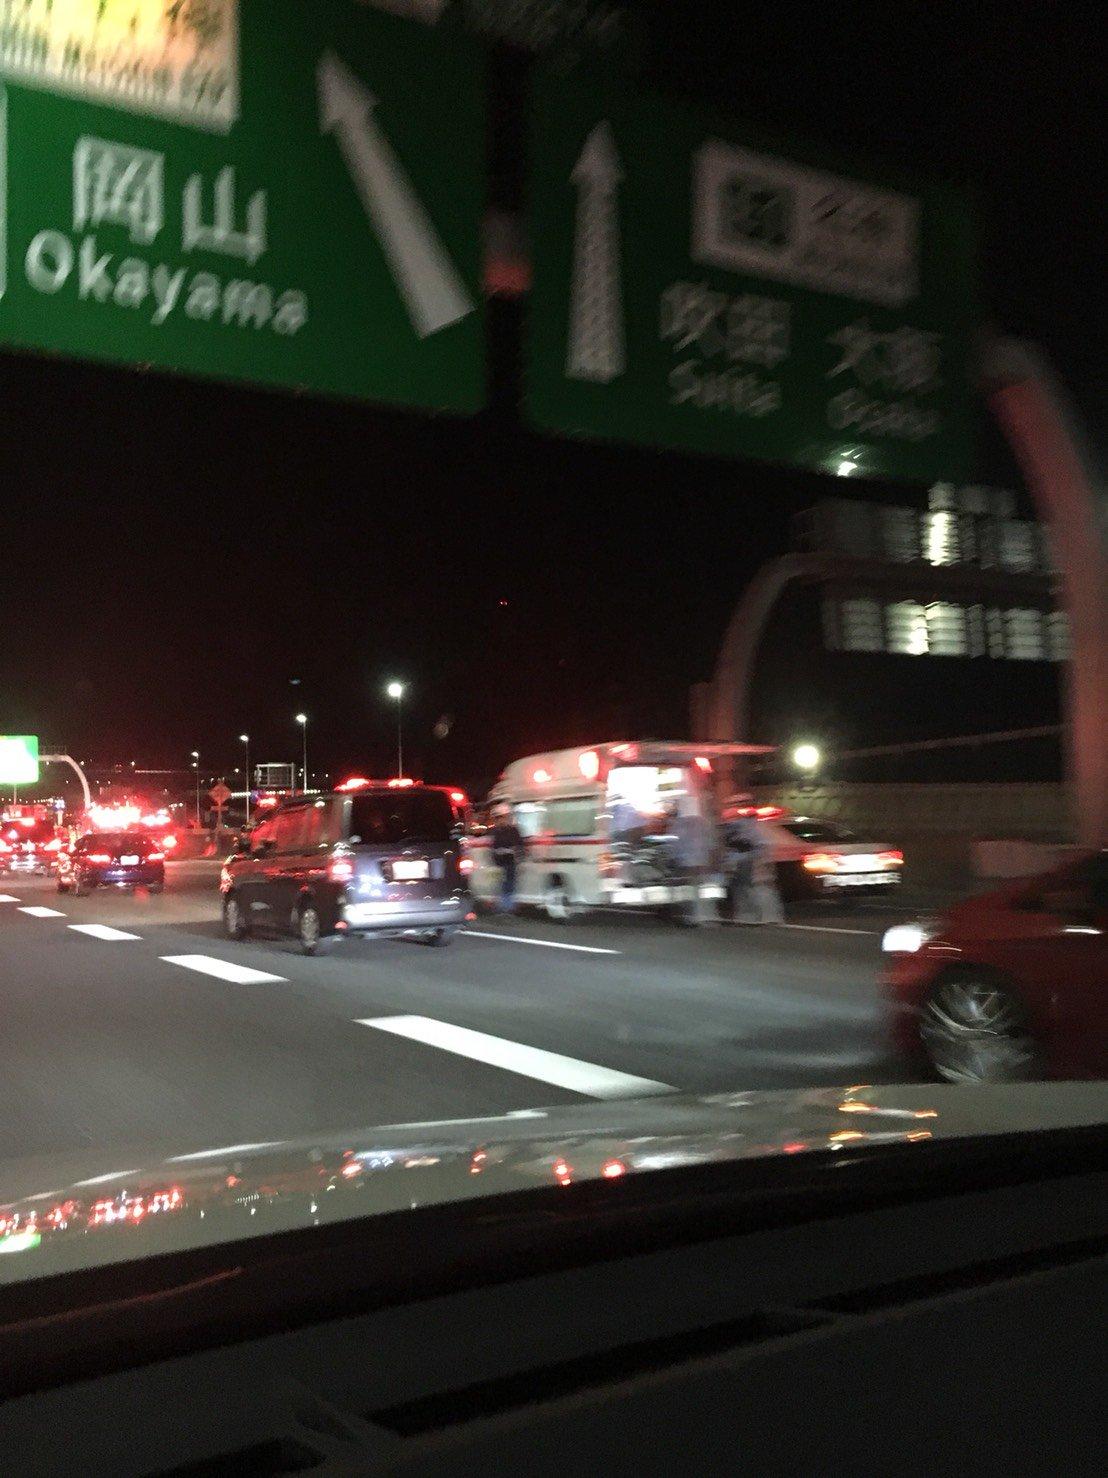 名神高速の高槻JCT付近の多重事故で救助活動している現場の画像